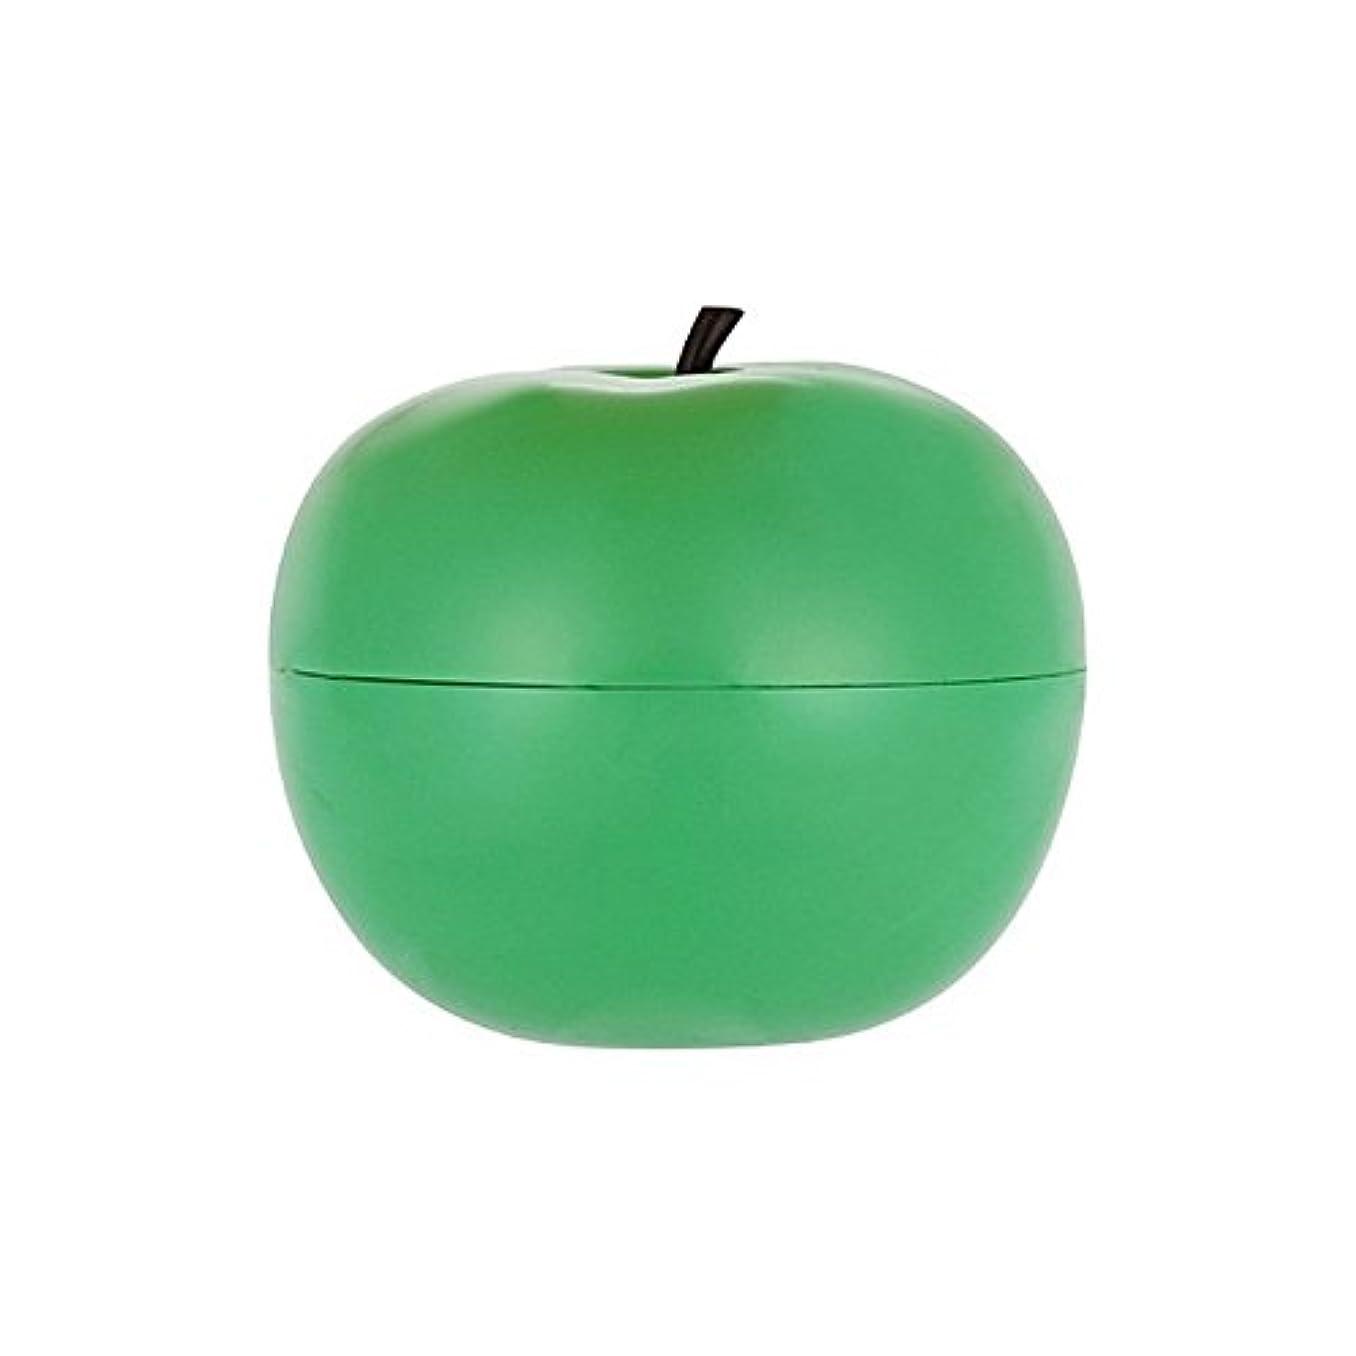 ビリー小麦大学生トニーモリースムーズマッサージピーリングクリーム80グラム x4 - Tony Moly Appletox Smooth Massage Peeling Cream 80G (Pack of 4) [並行輸入品]